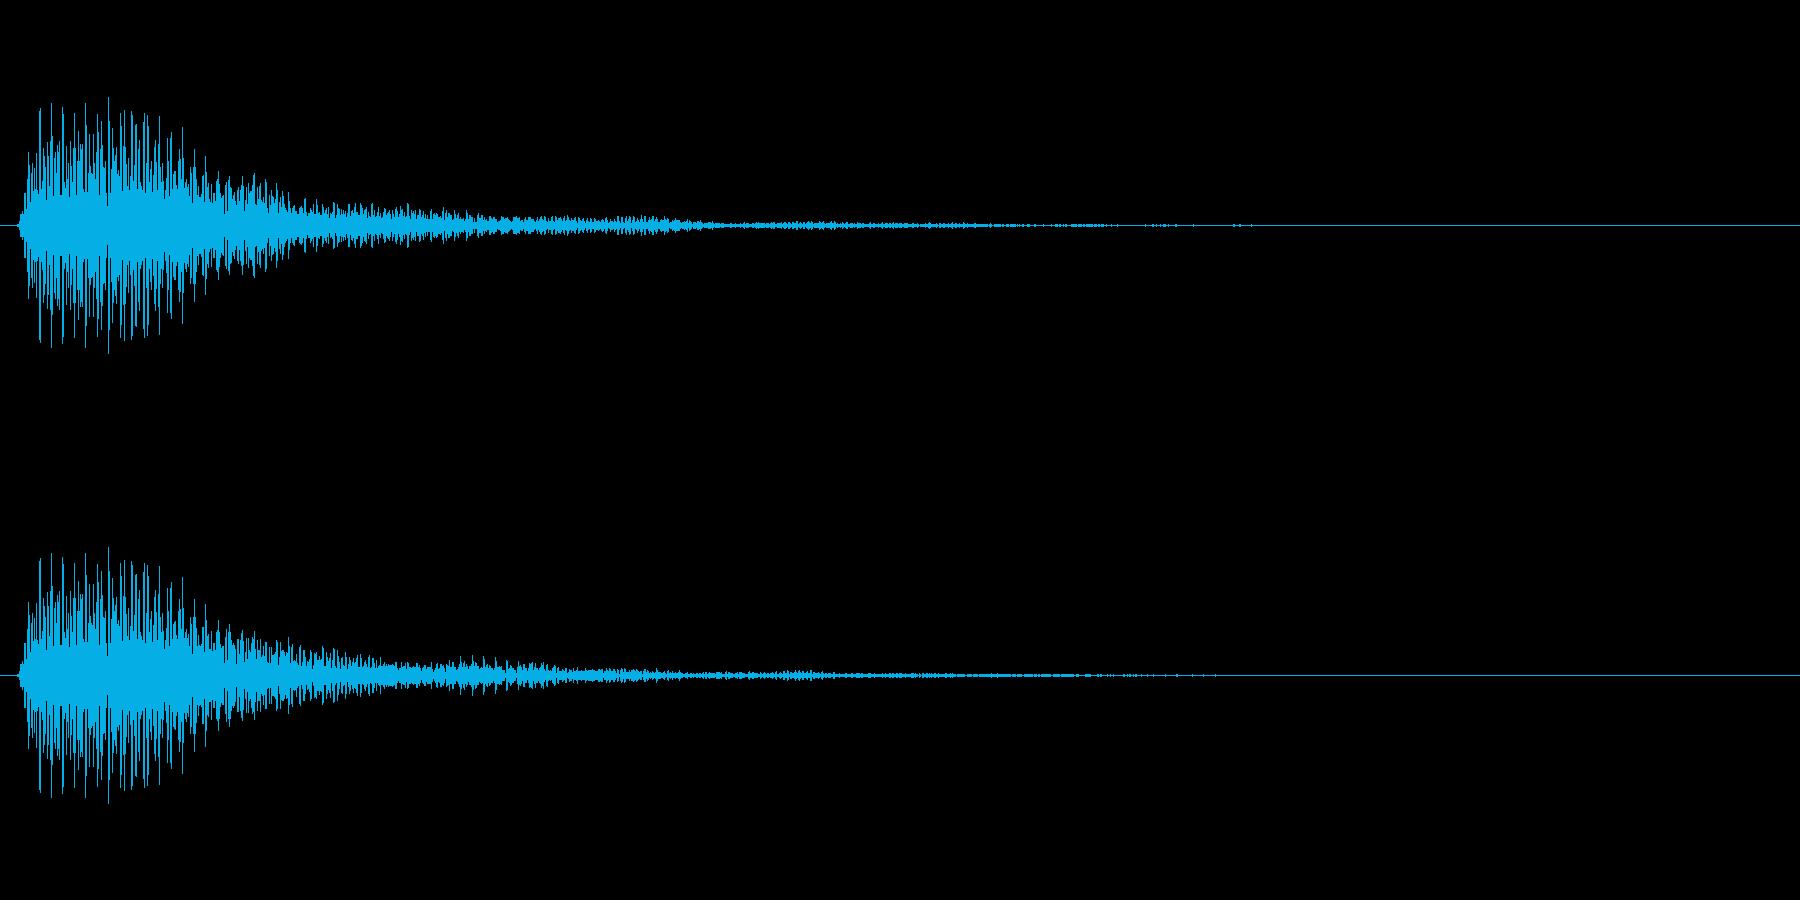 決定音(リバーブのかかった荘厳な音)の再生済みの波形